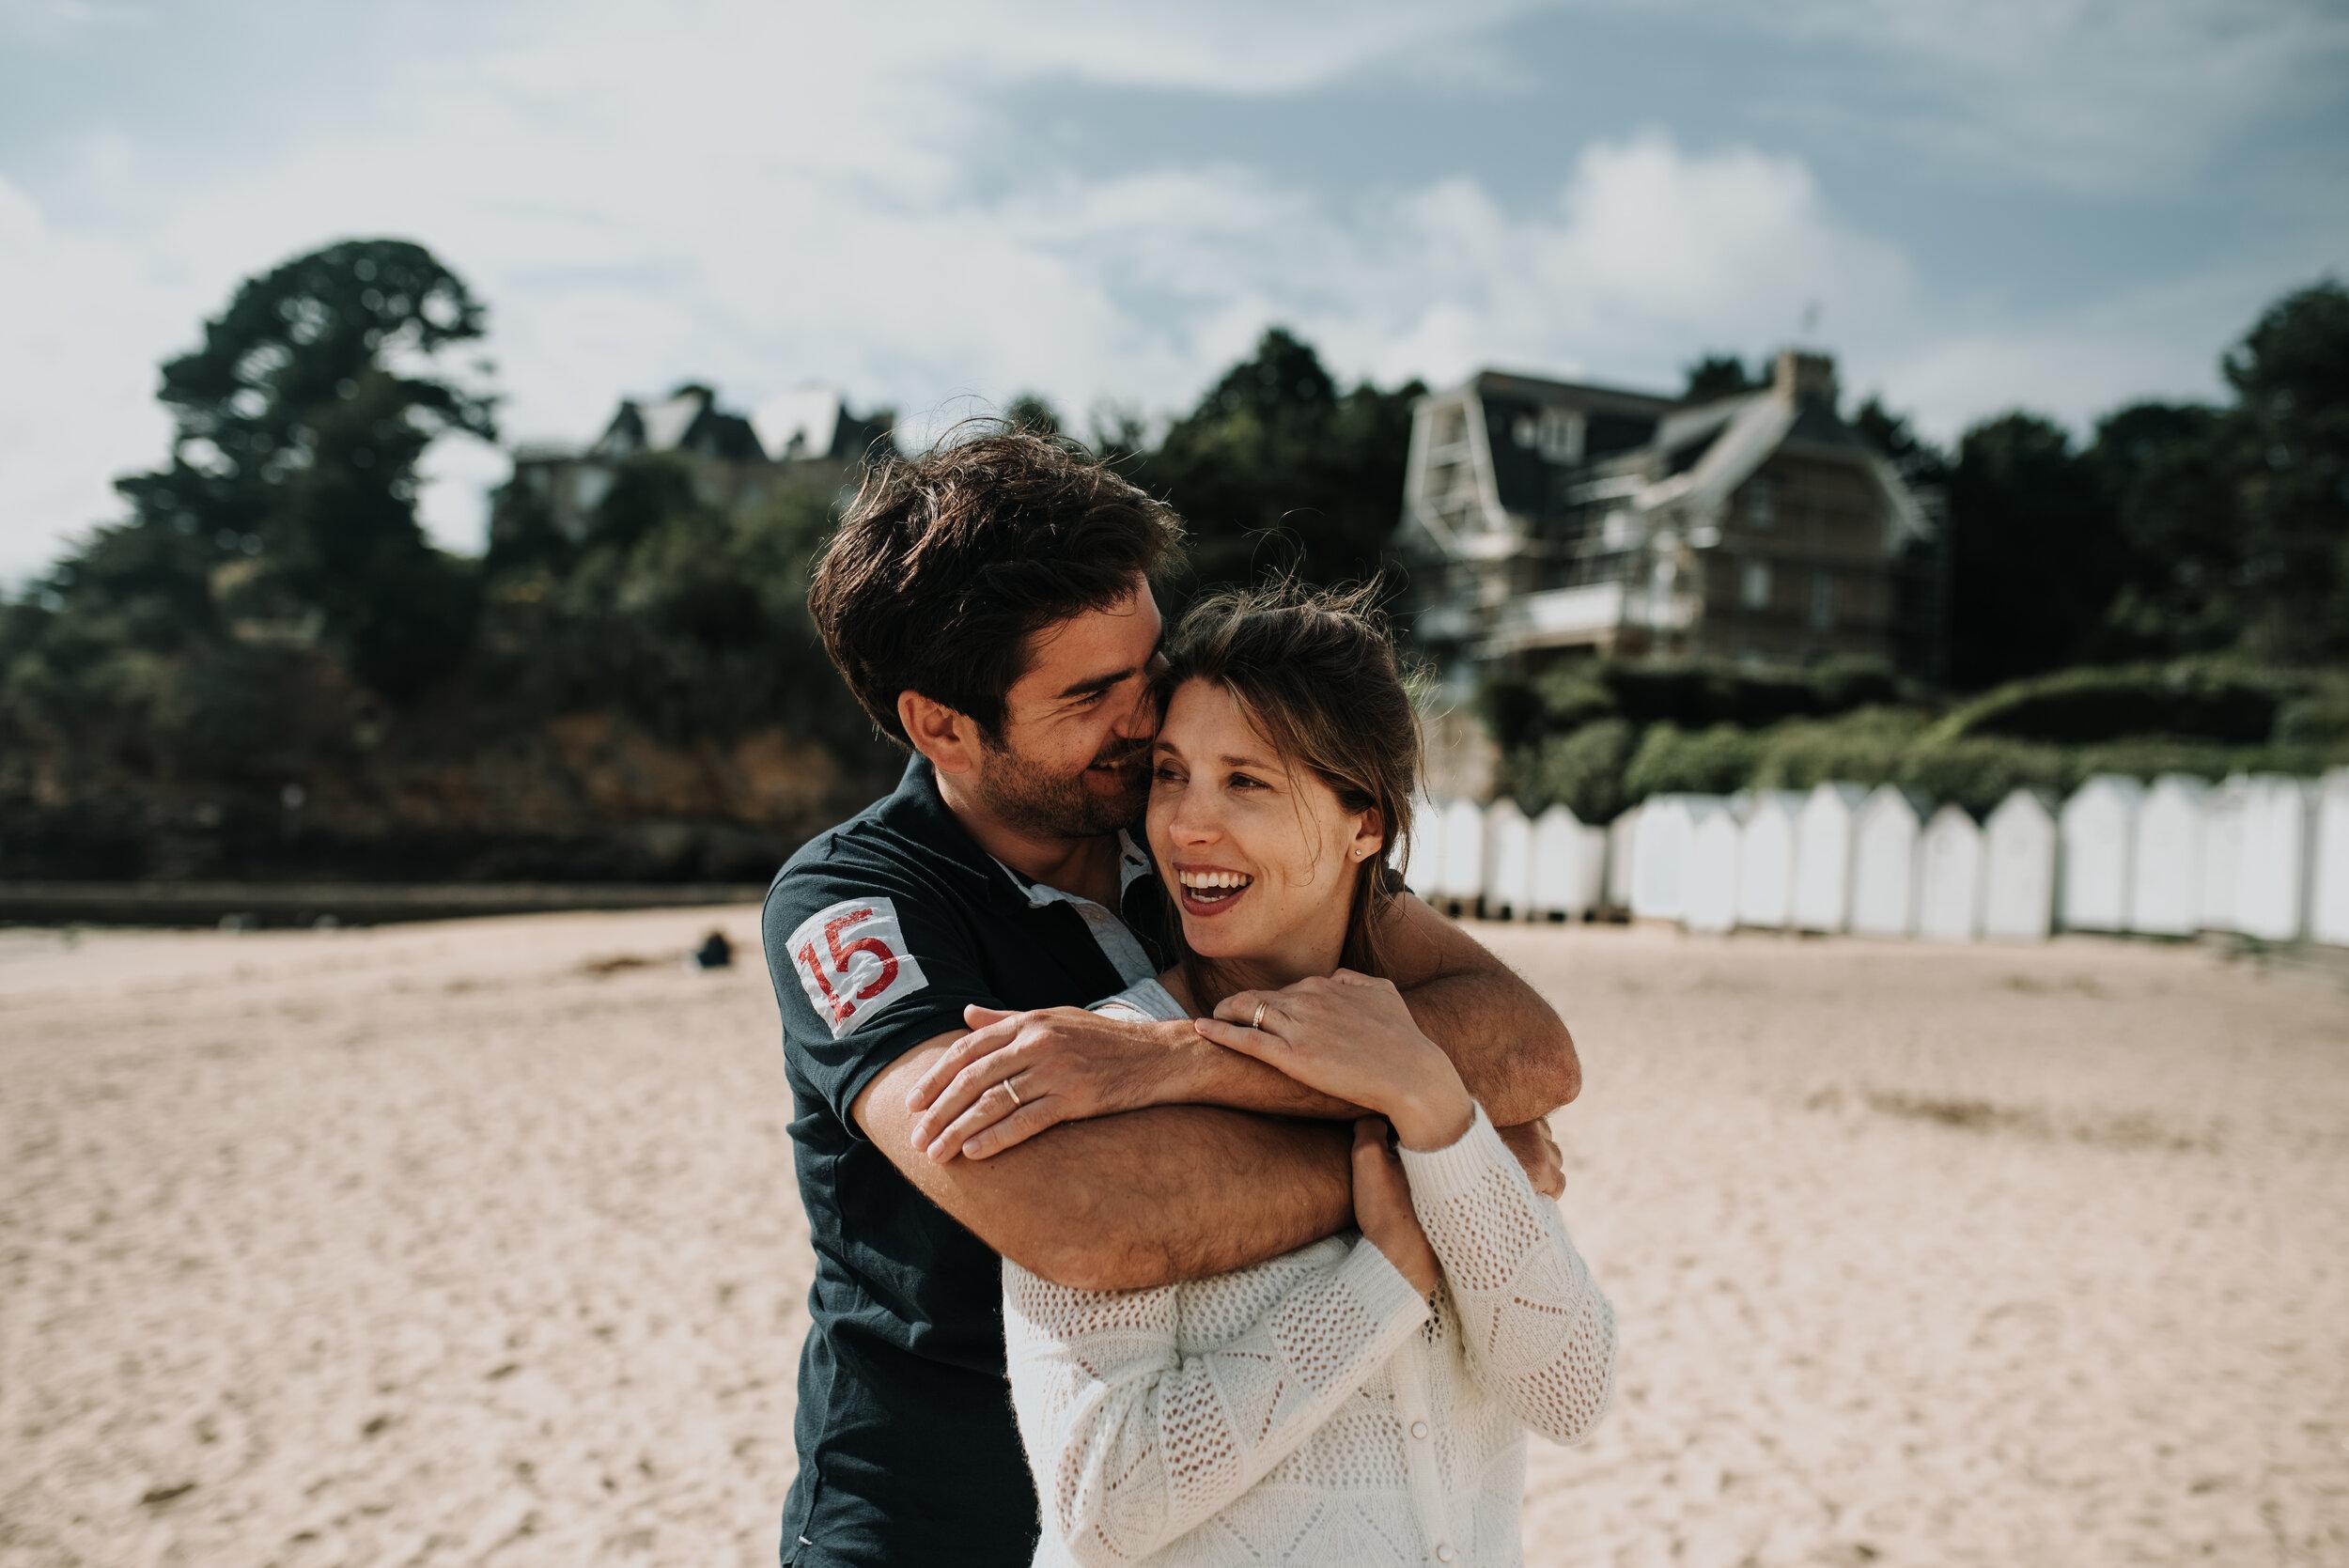 Léa-Fery-photographe-professionnel-Bretagne-portrait-creation-mariage-evenement-evenementiel-famille-7737.jpg